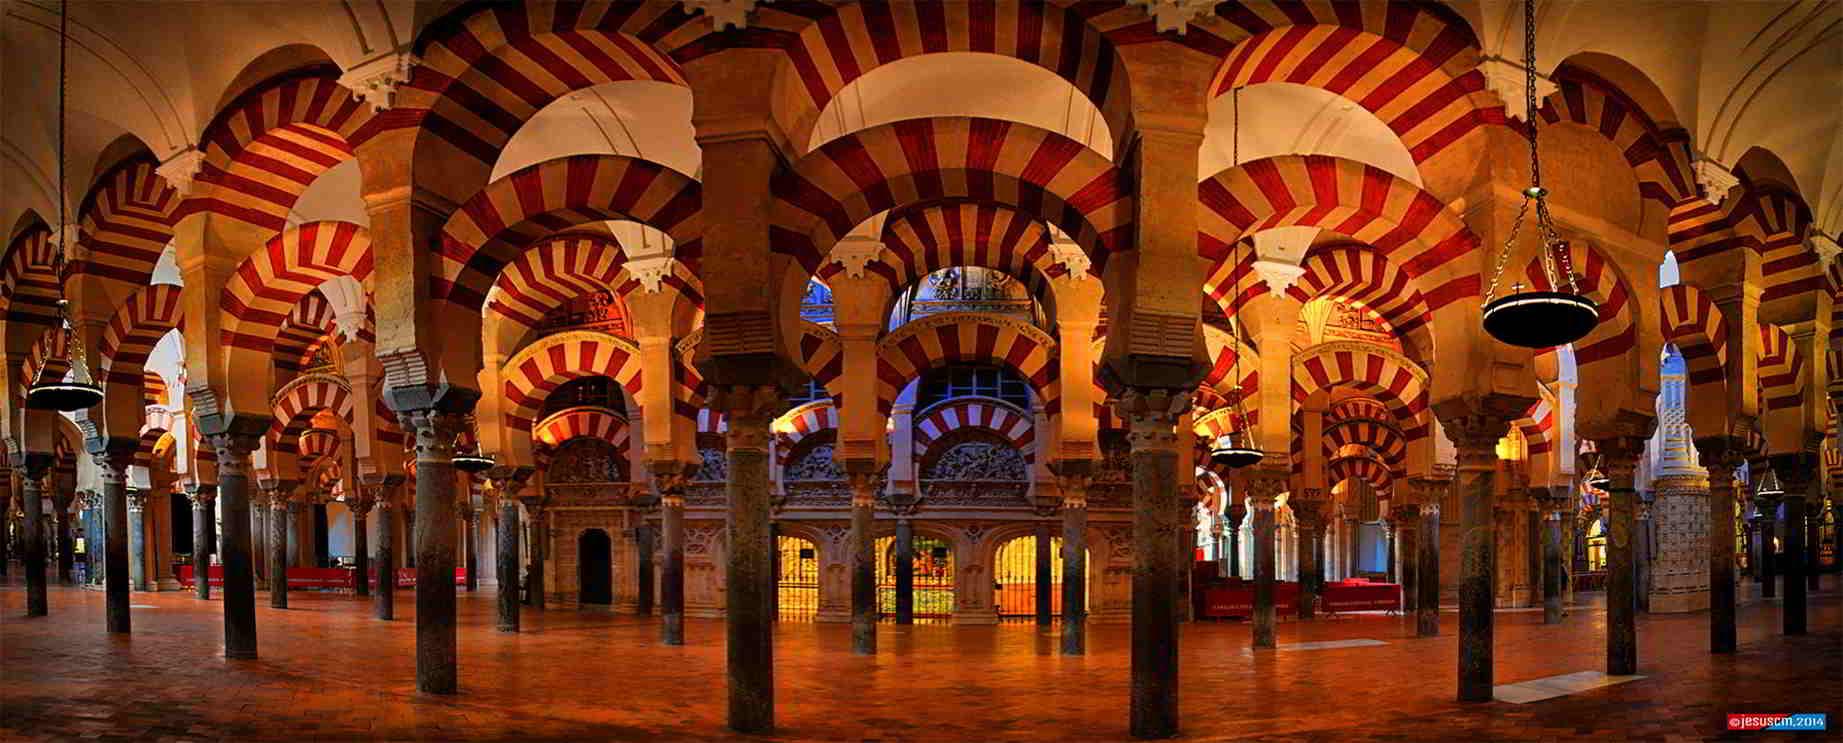 Putovanje-Spanjolska-Andaluzija-obiteljsko-putovanje (1)